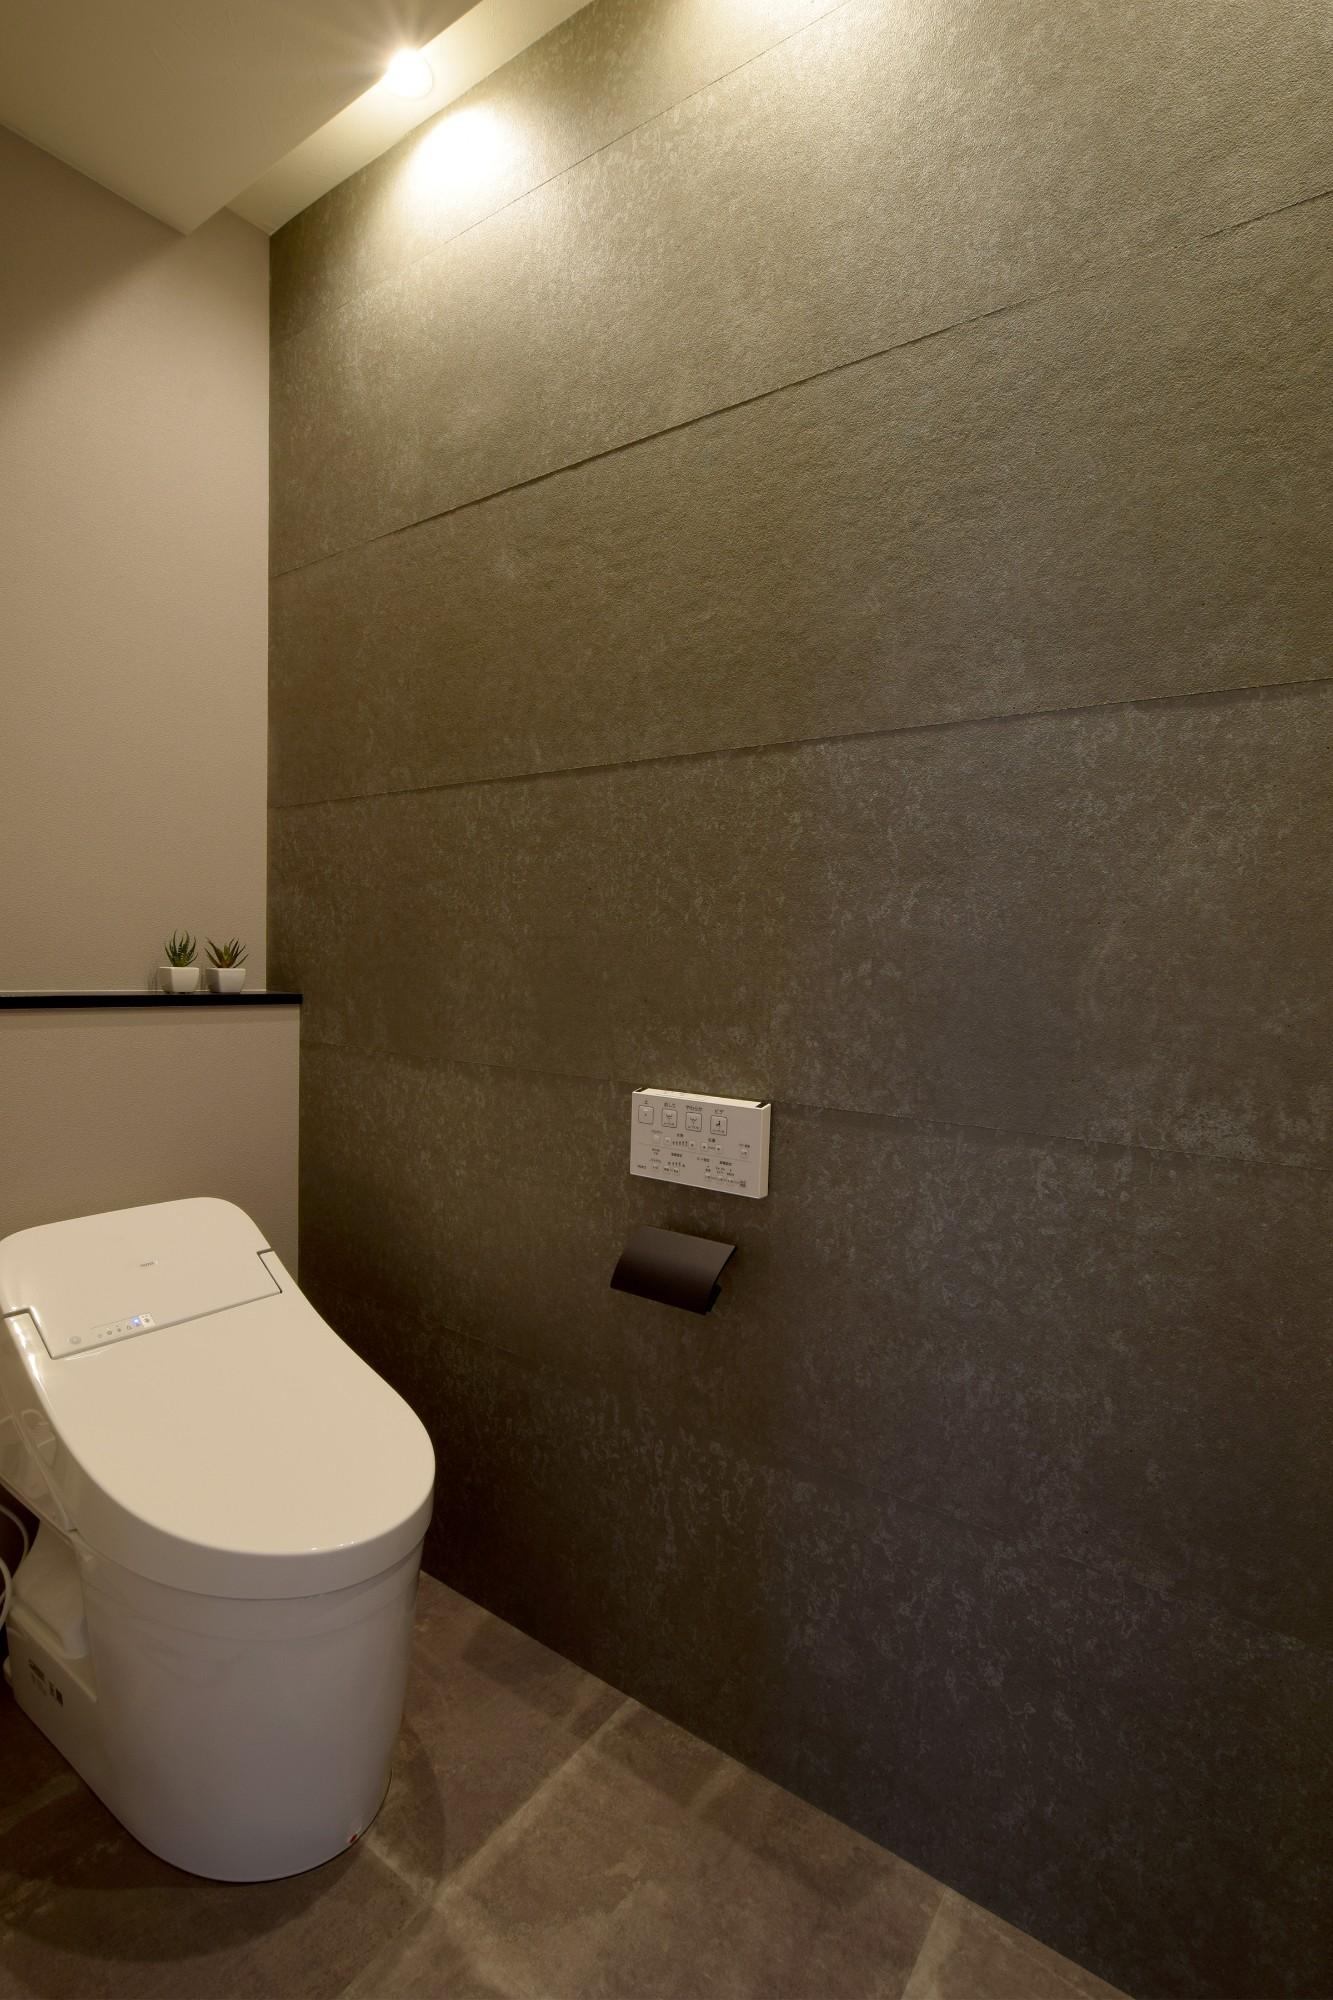 DETAIL HOME(ディテールホーム)「モールテックスキッチンとインテリアにこだわった住まい」のシンプル・ナチュラルなトイレの実例写真